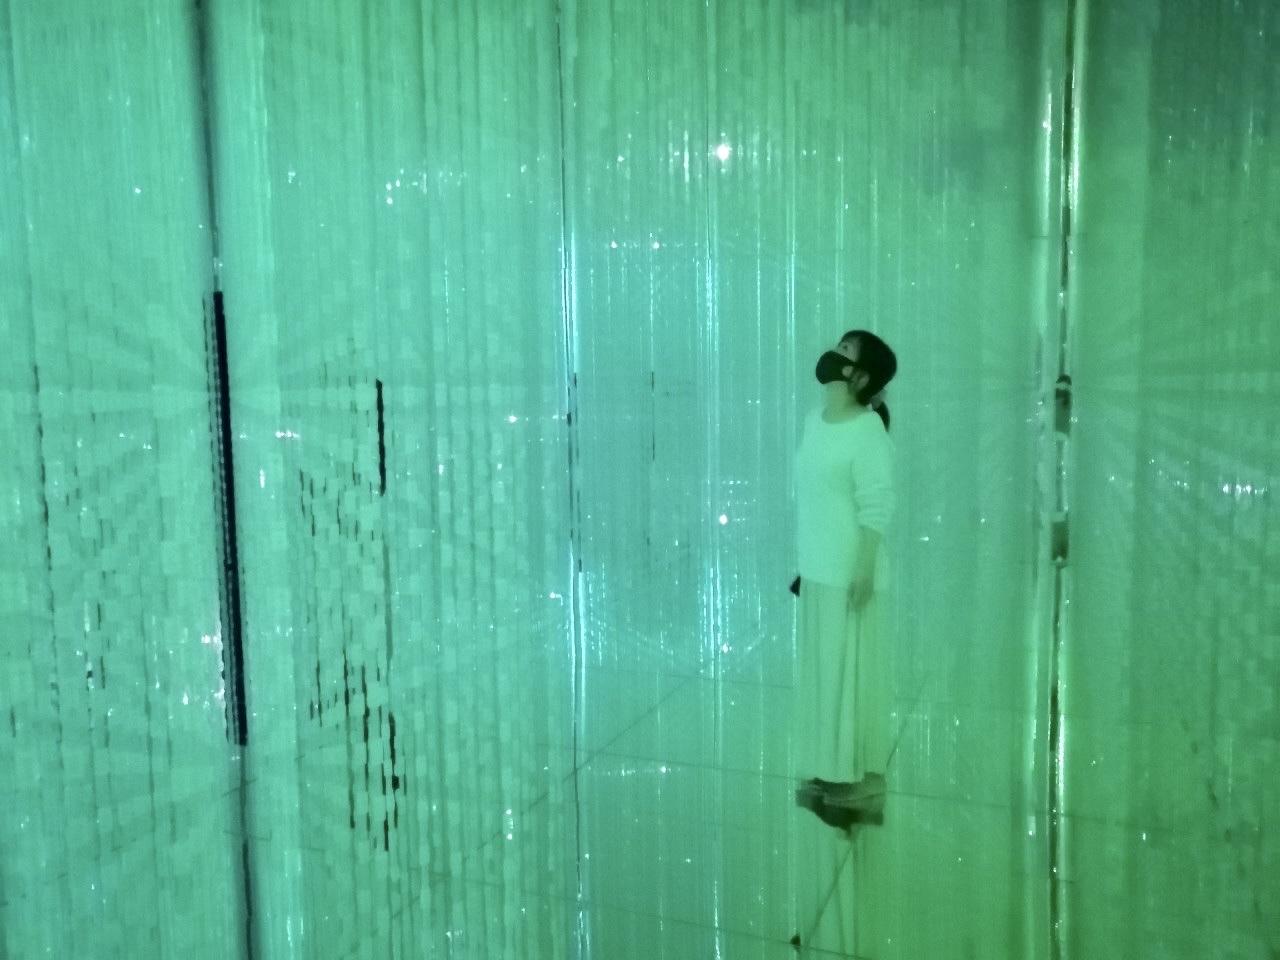 【チームラボプラネッツ】驚きと感動がいっぱい!裸足で楽しむアート空間を徹底レポ★_4